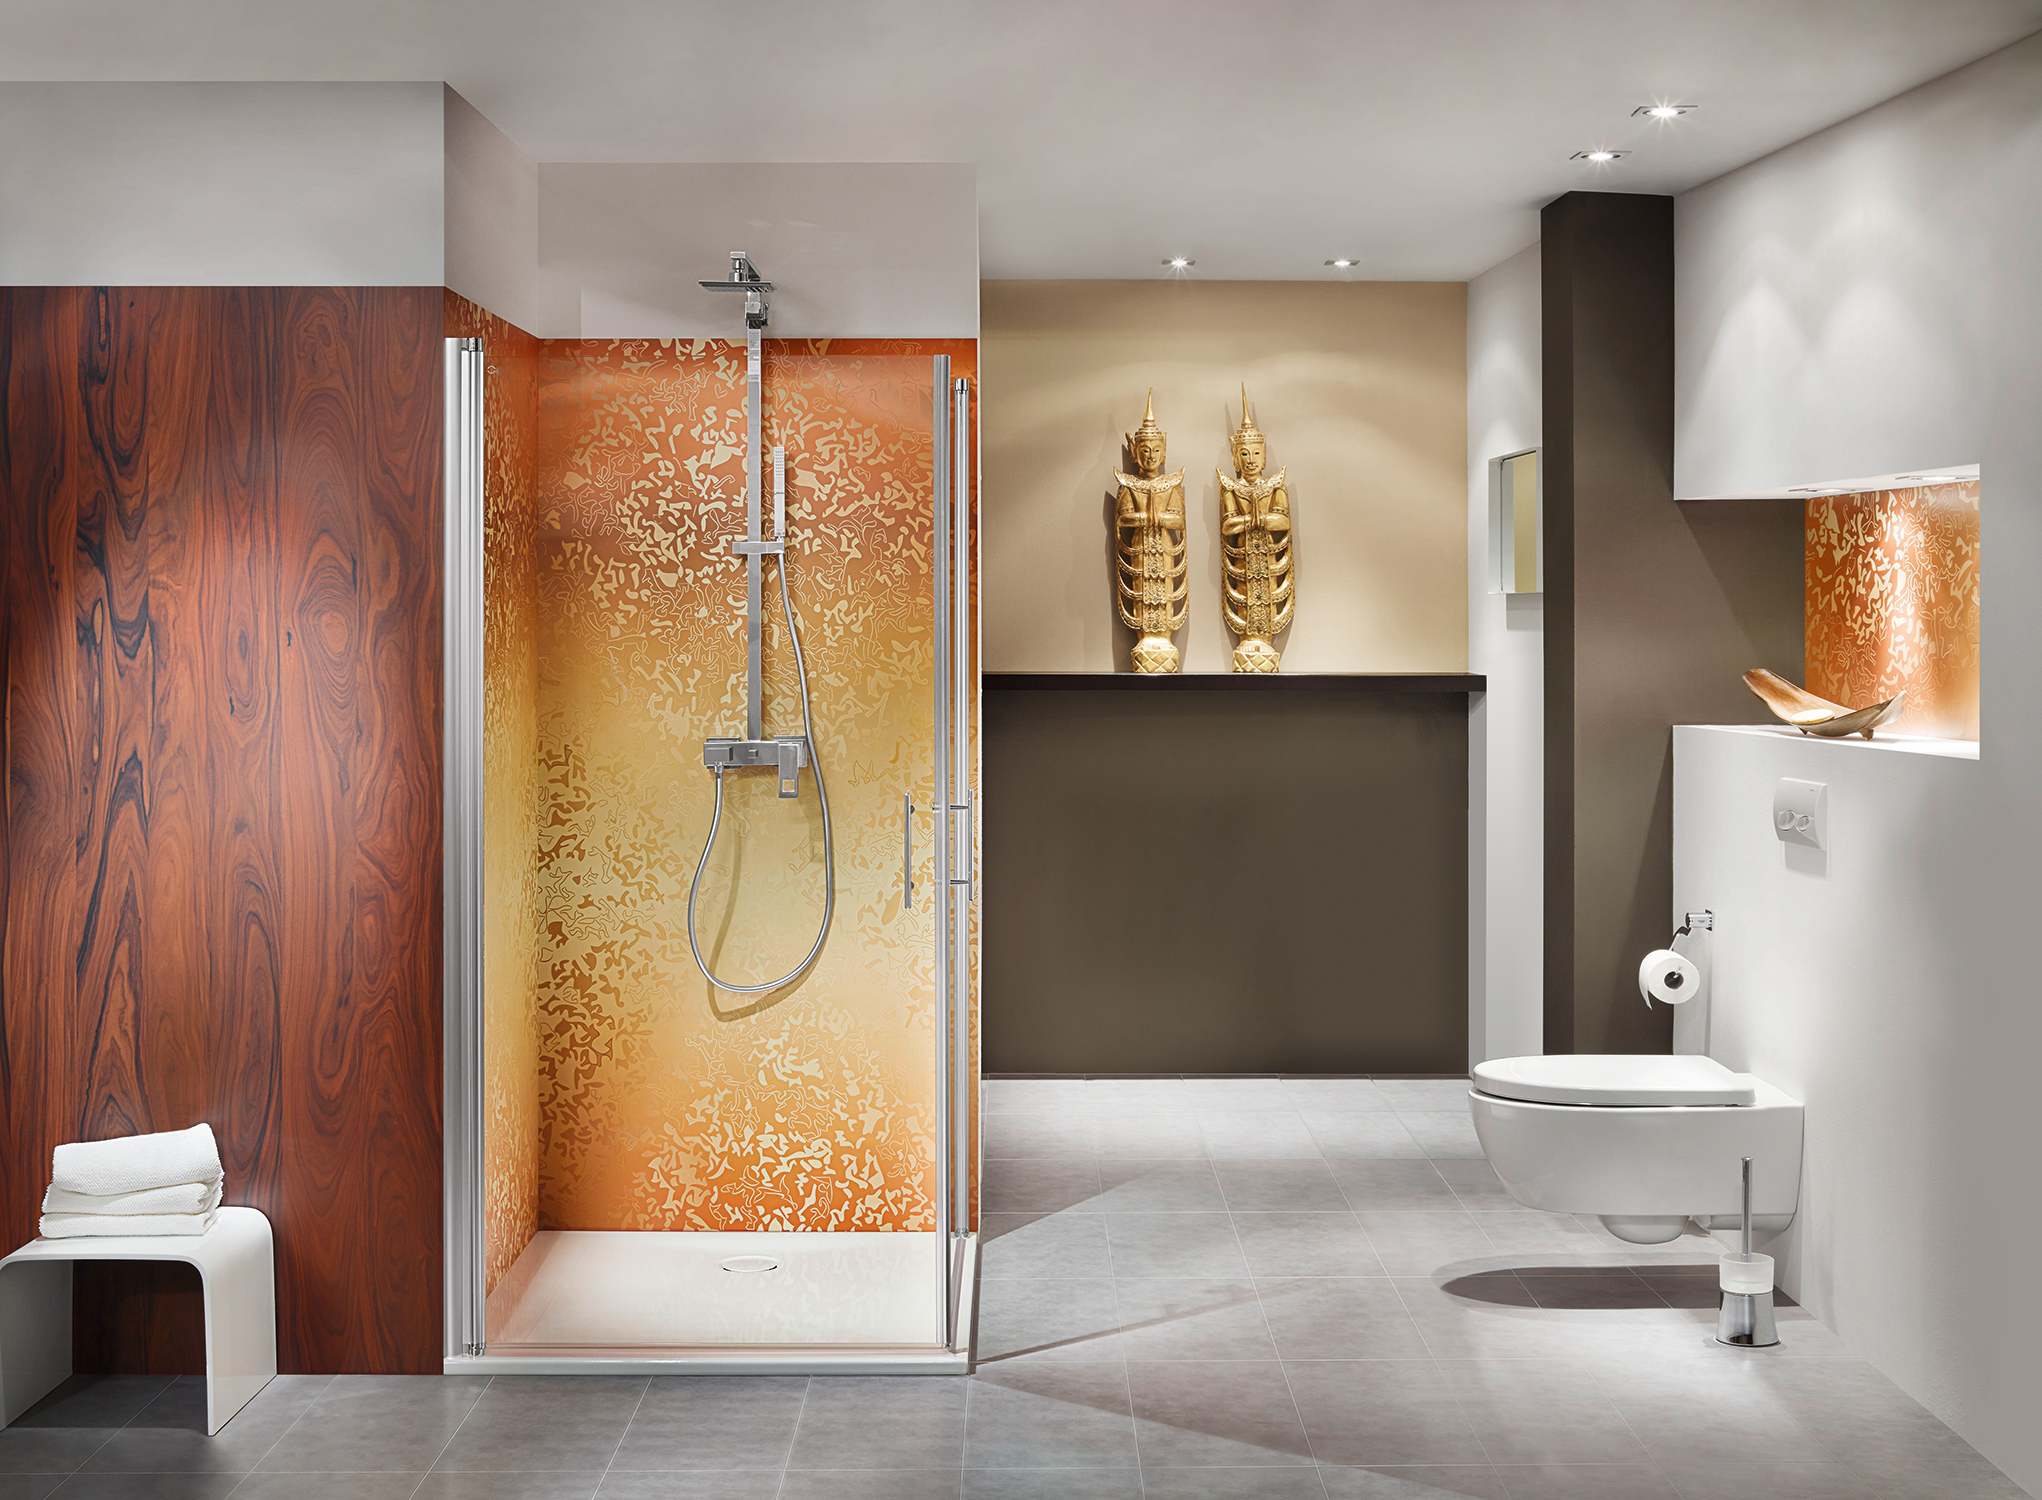 easywall alu verbundplatte b derwelt pinterest verbundplatten sthetisch und b derwelt. Black Bedroom Furniture Sets. Home Design Ideas